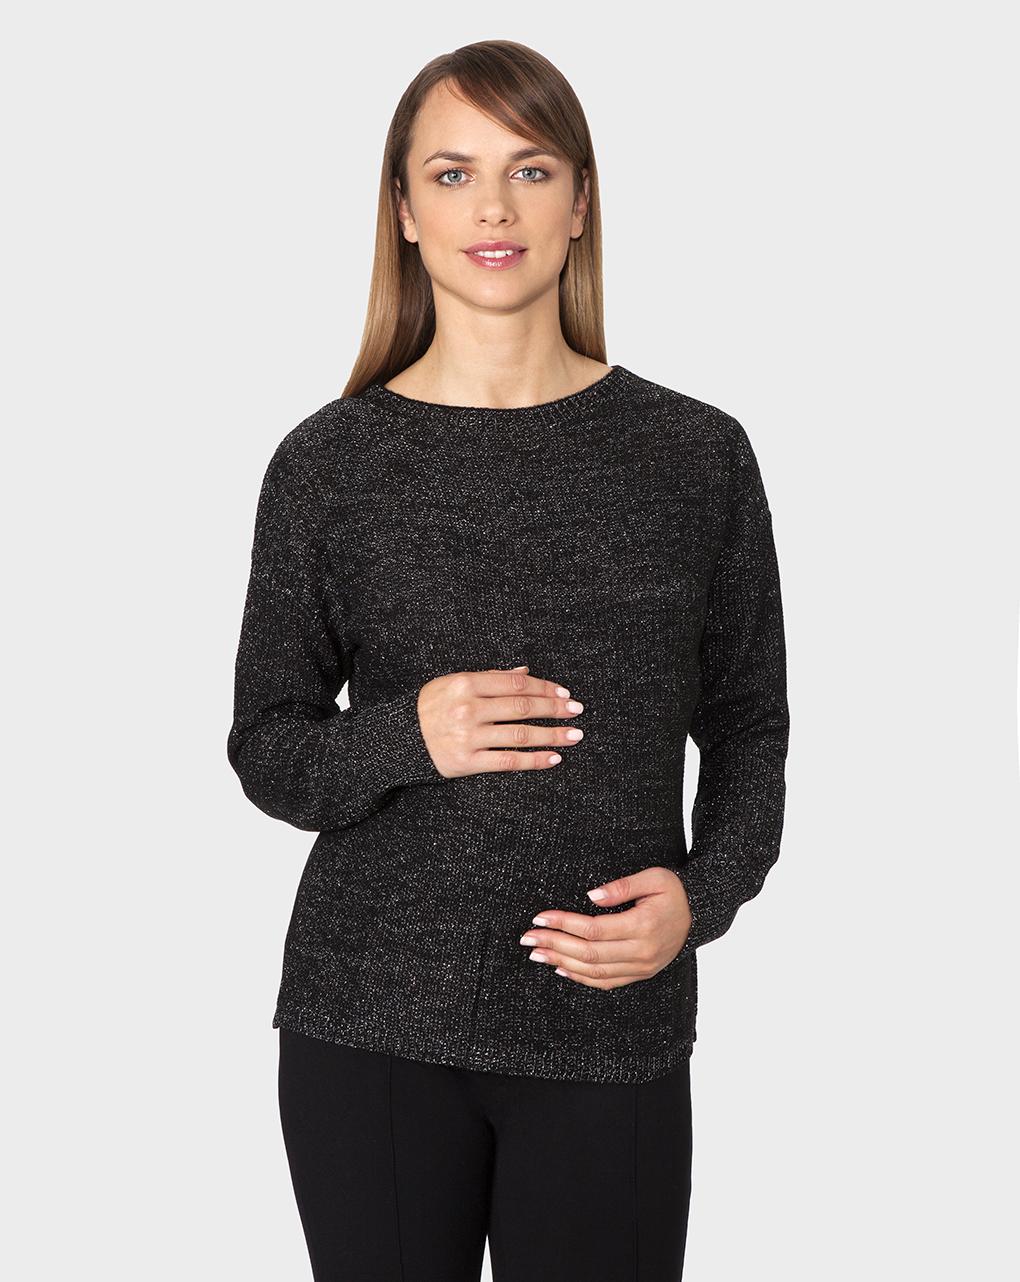 Γυναικεία Μπλούζα Πλεκτή Μαύρη